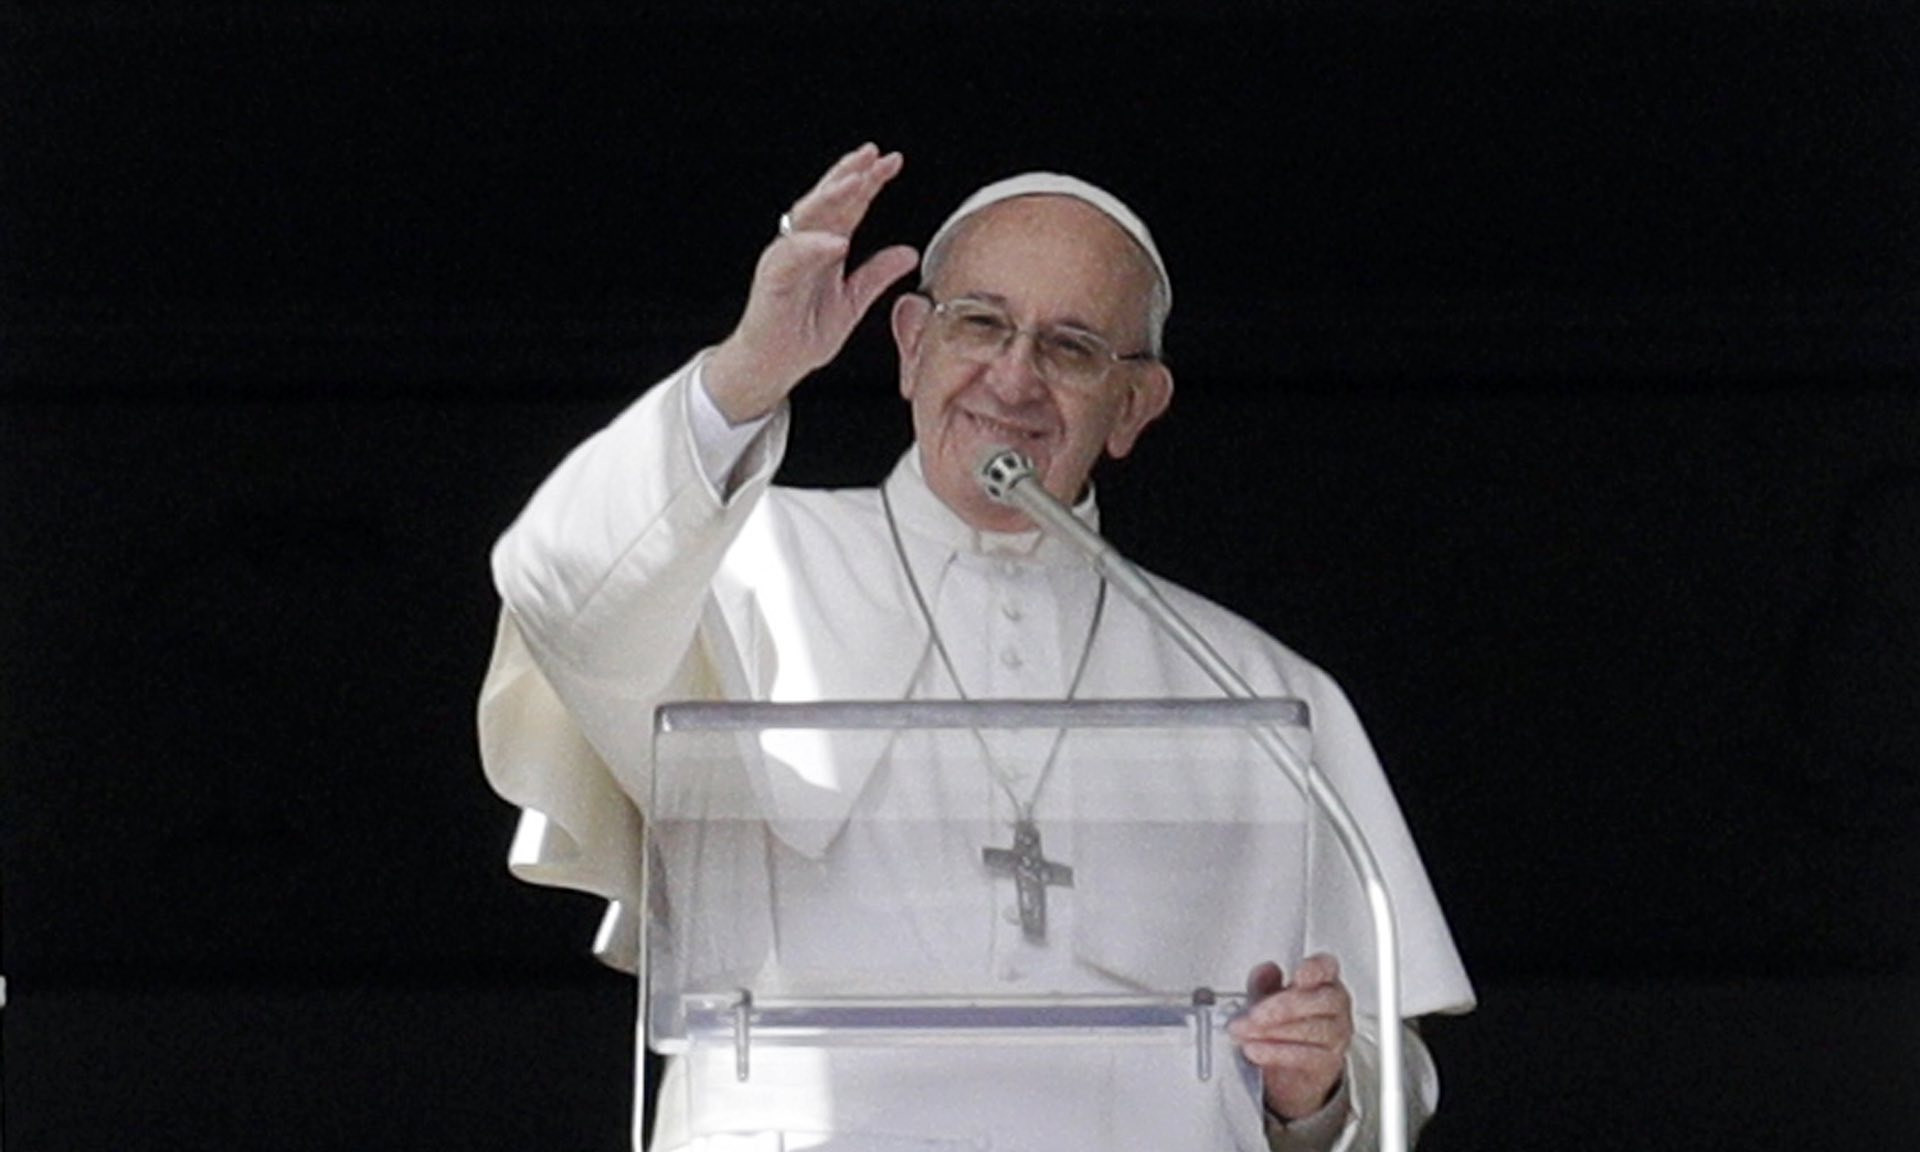 папа римский раздумывает возможностю служения женатых мужчин ркц